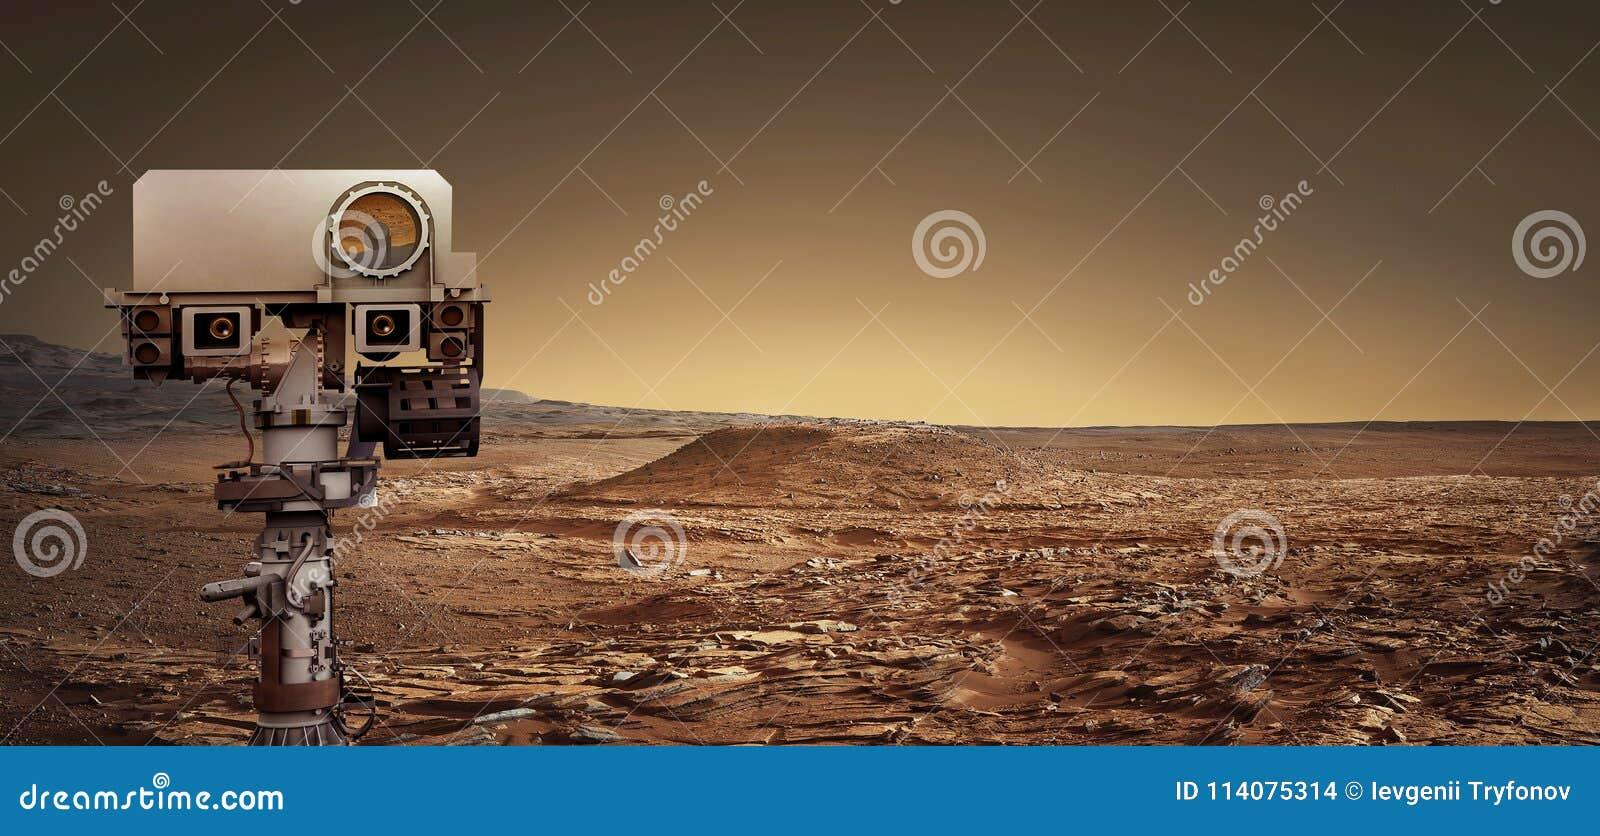 Вездеход Марса исследует красную планету Элементы этого furni изображения